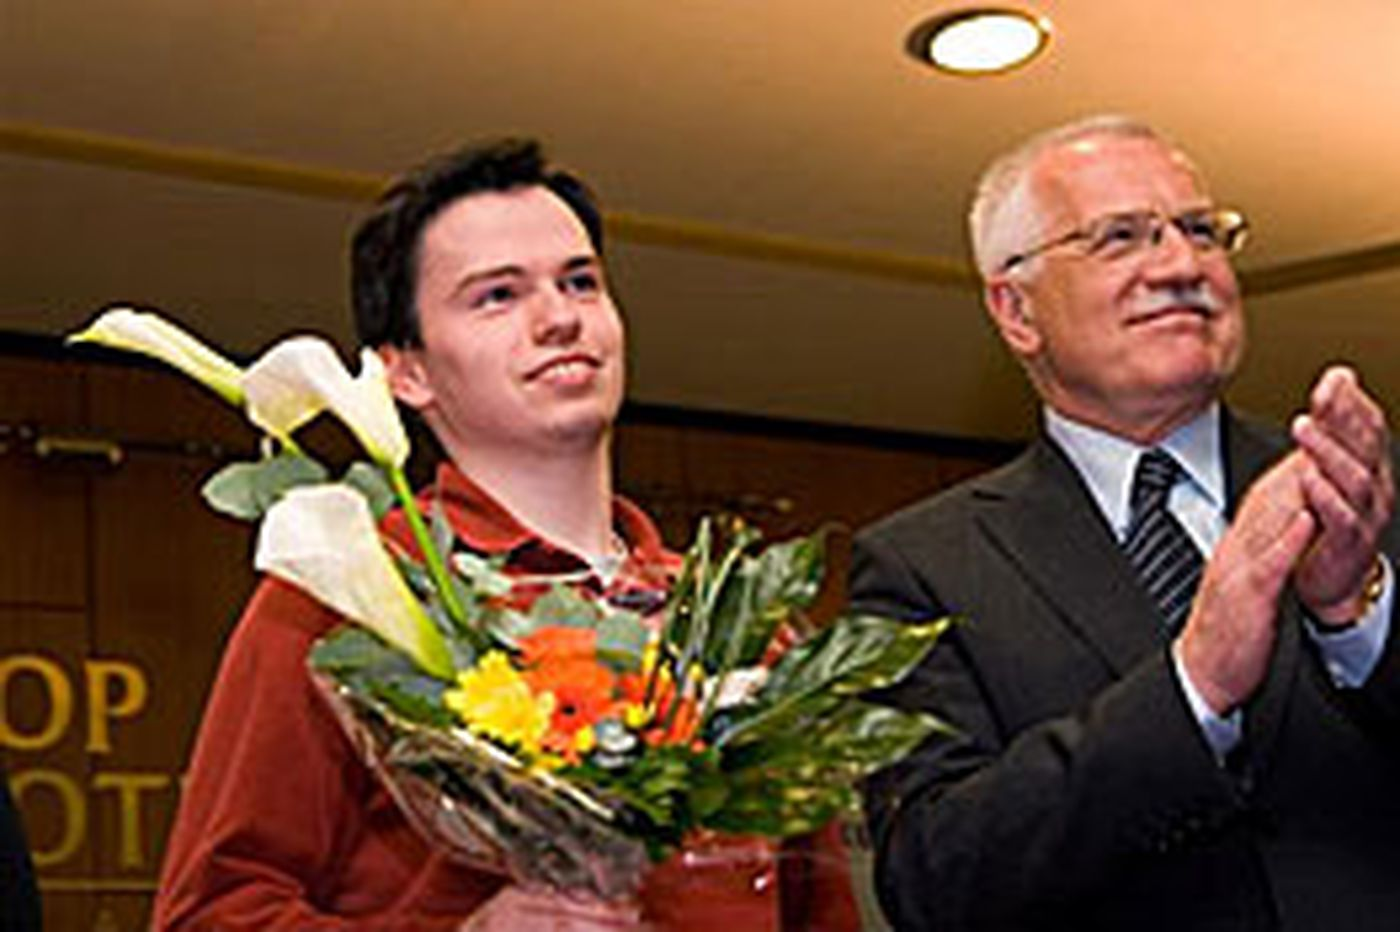 Thomas Snyder, World Sudoku champion